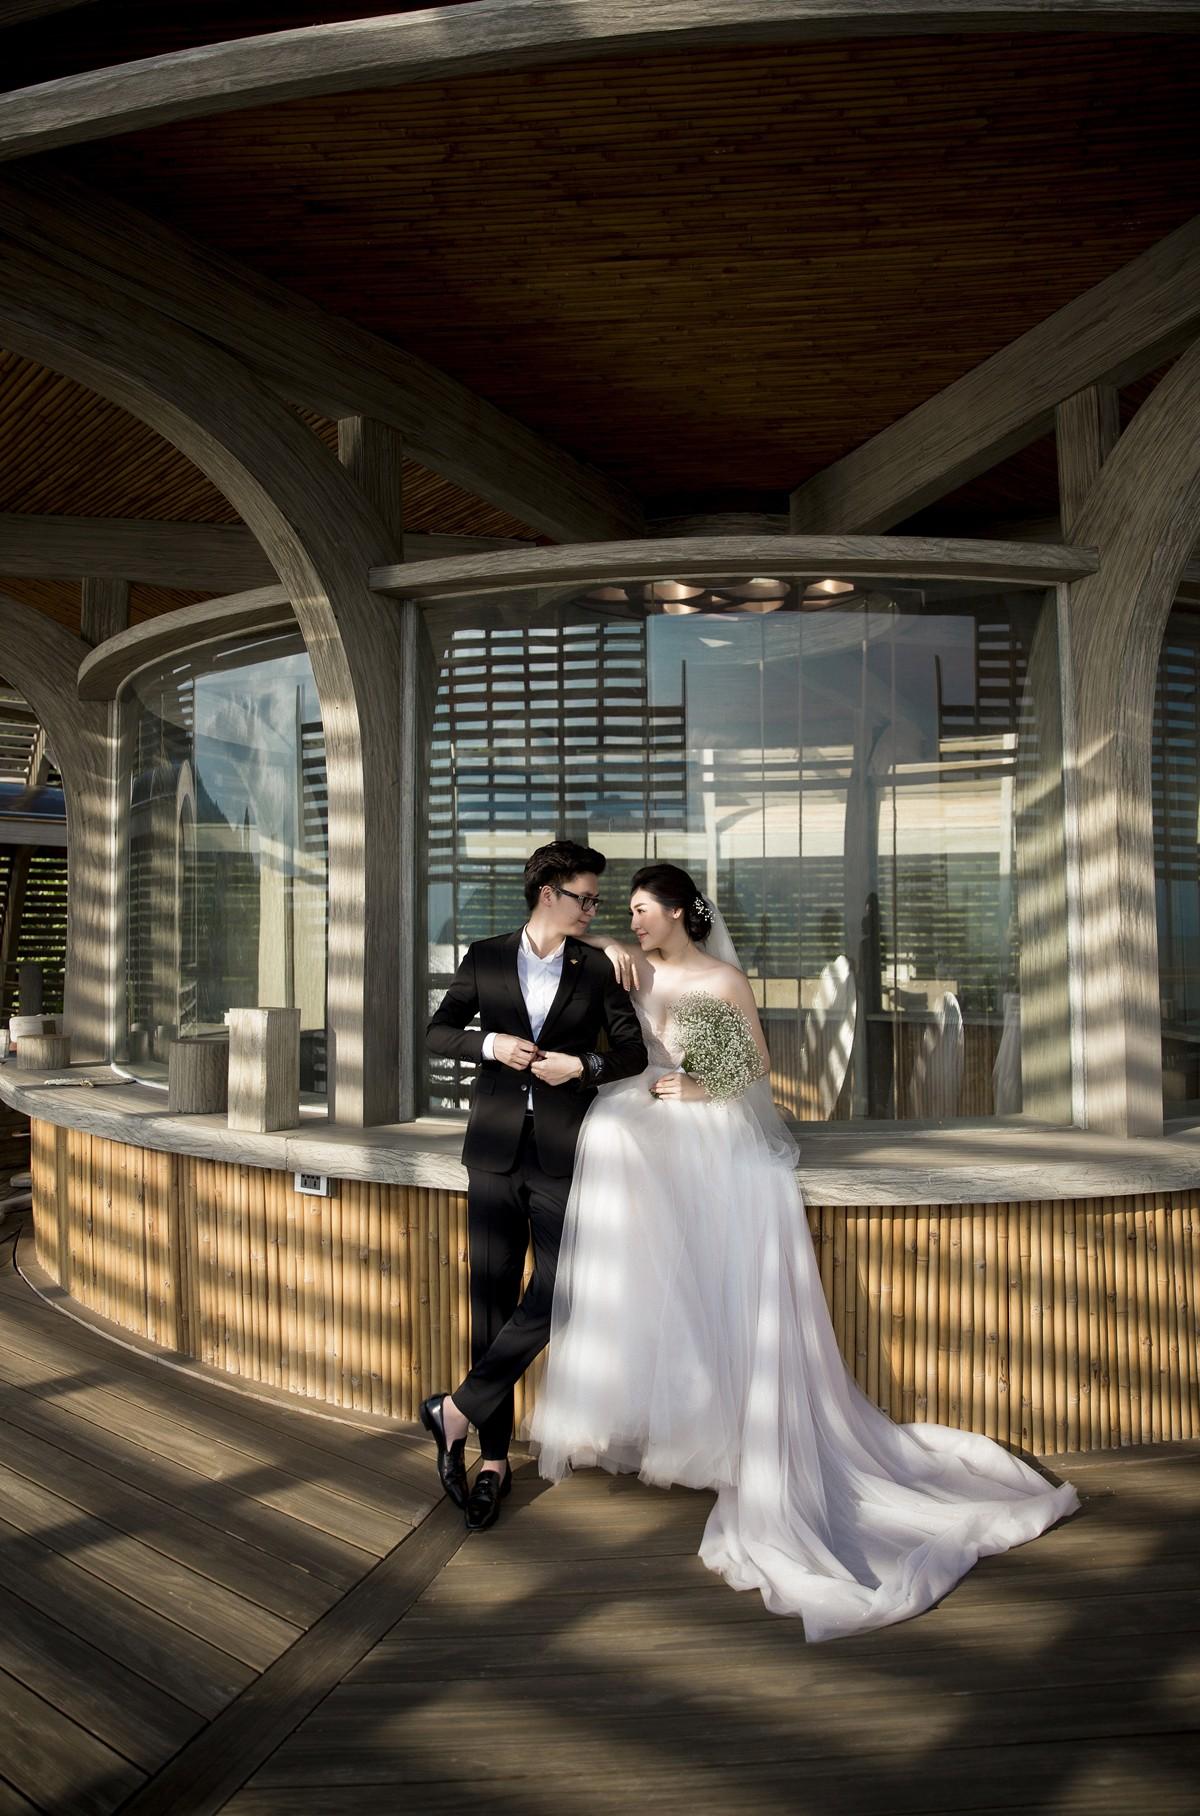 Trước ngày cưới 2 ngày, Á hậu Tú Anh khoe loạt ảnh cưới sang chảnh ngoài biển - Ảnh 5.